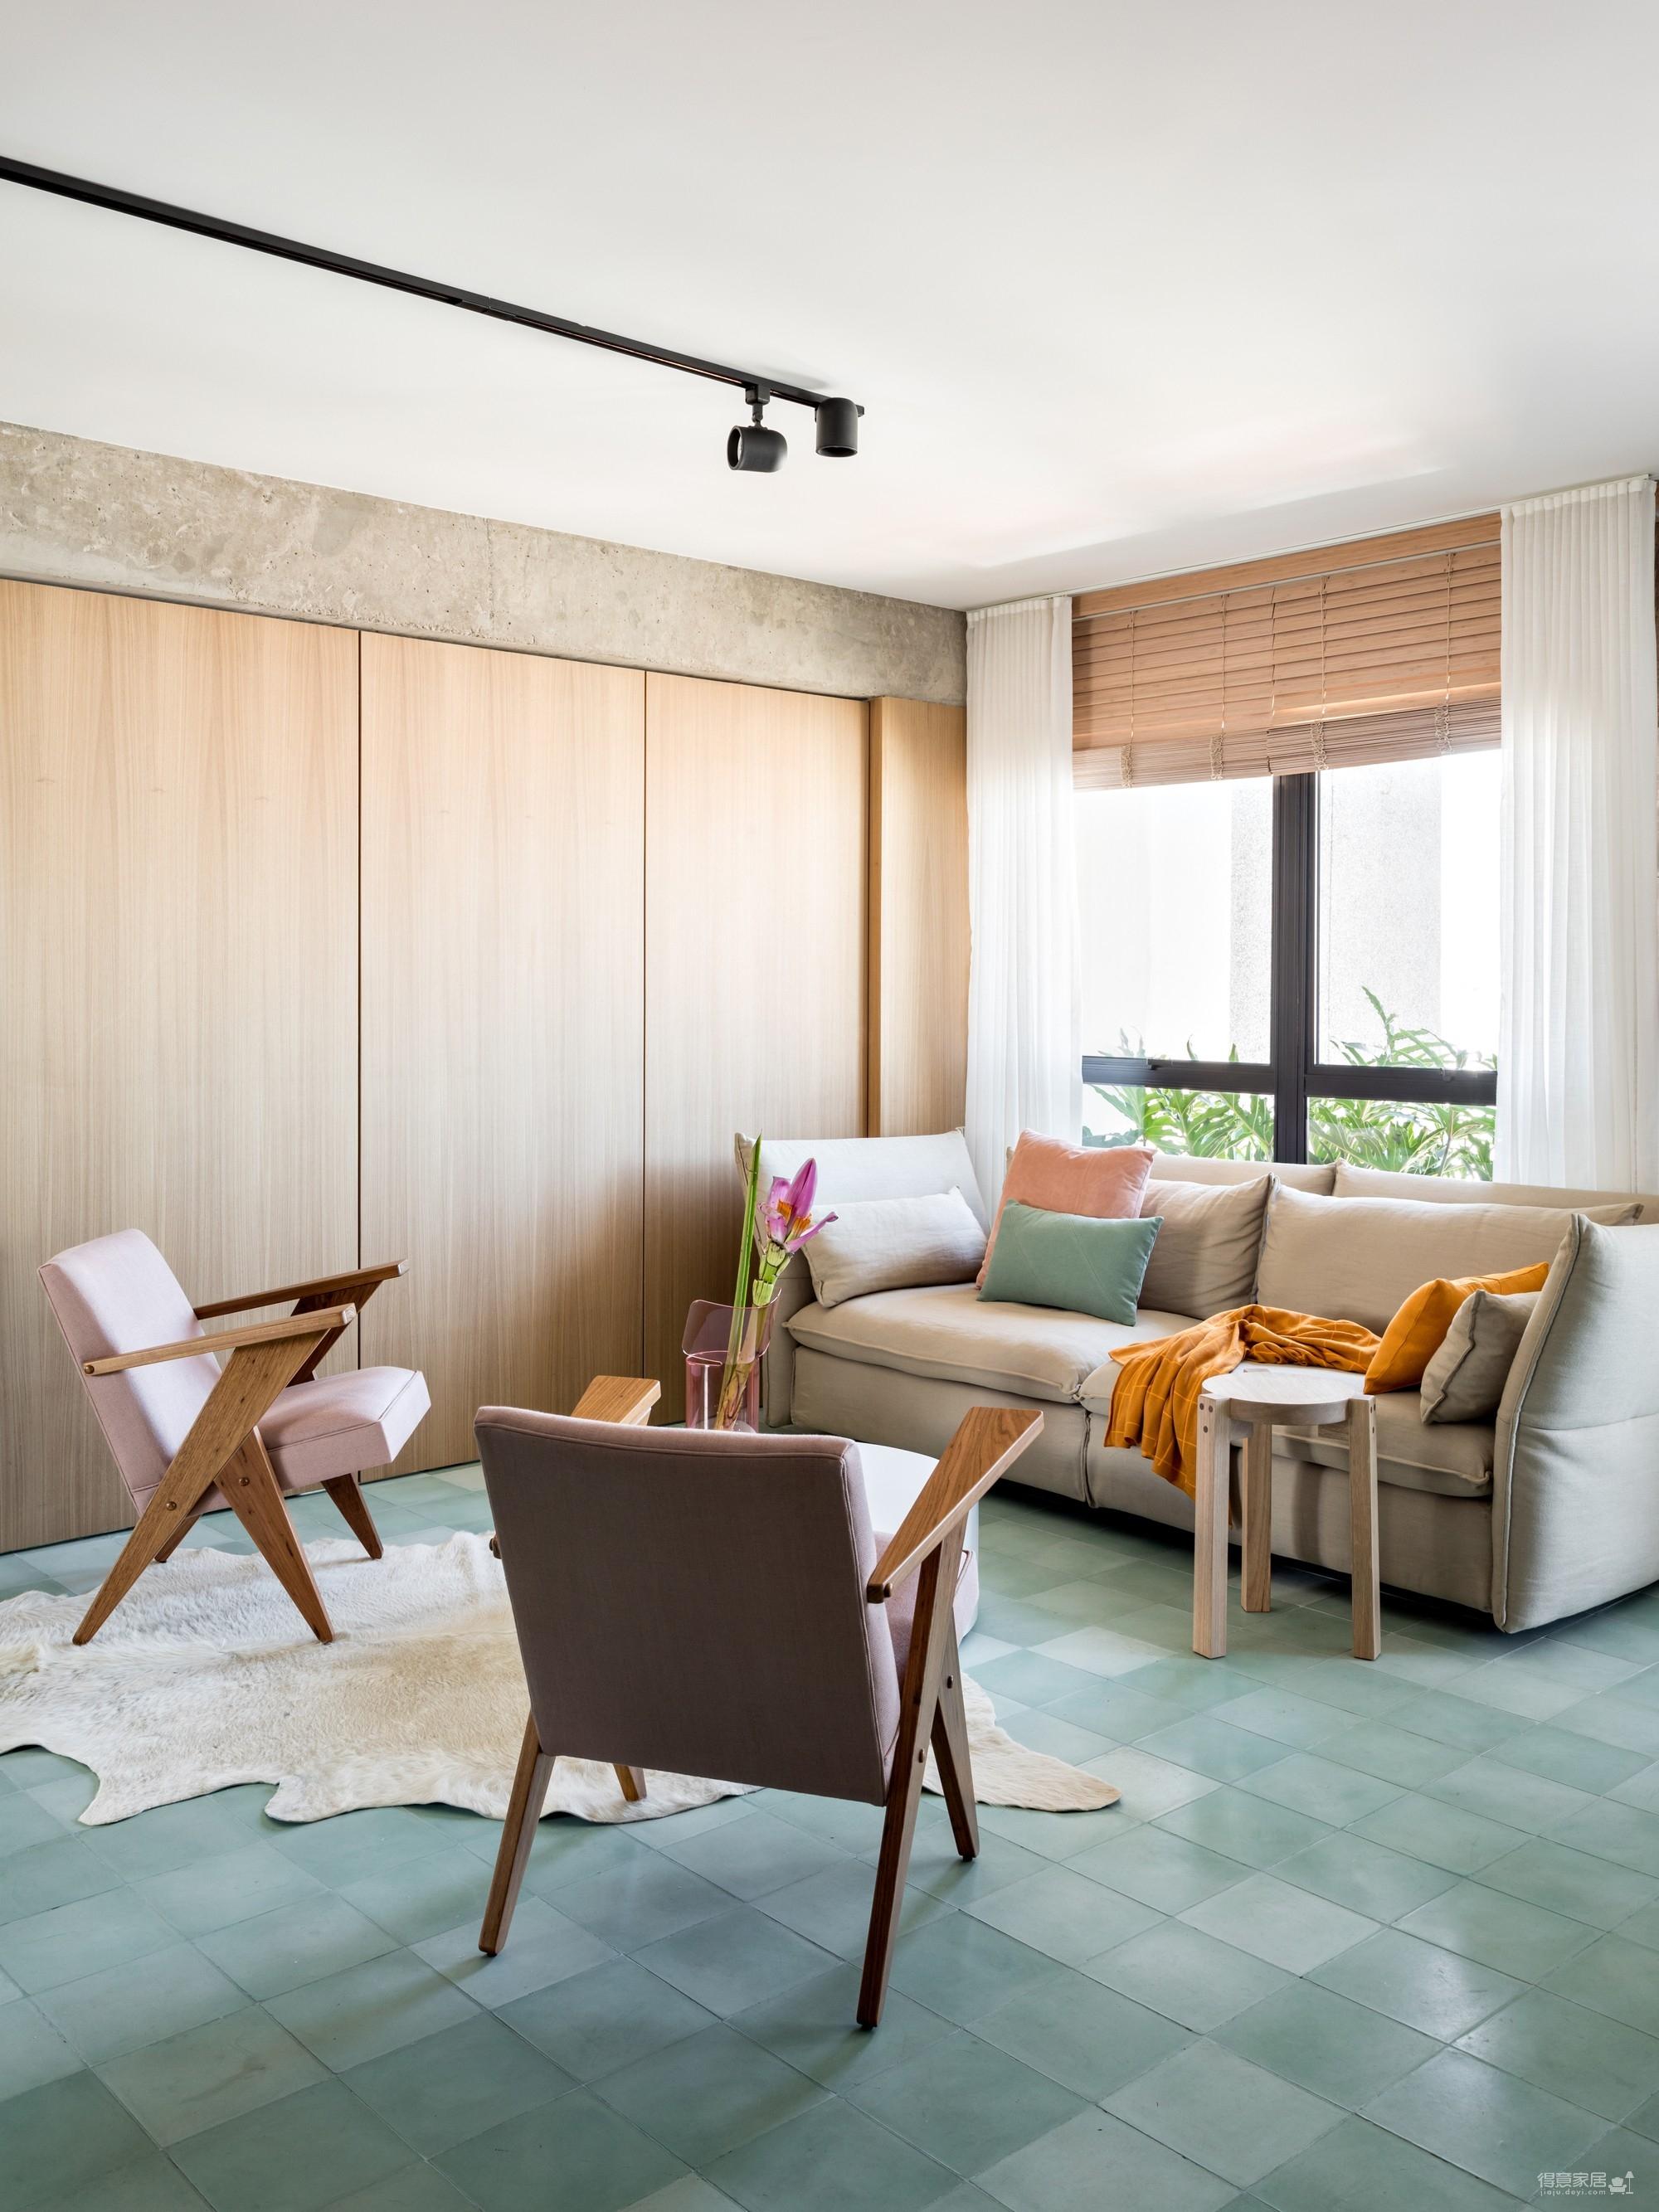 130㎡ 公寓翻新,将复古风格与现代家居创新结合图_3